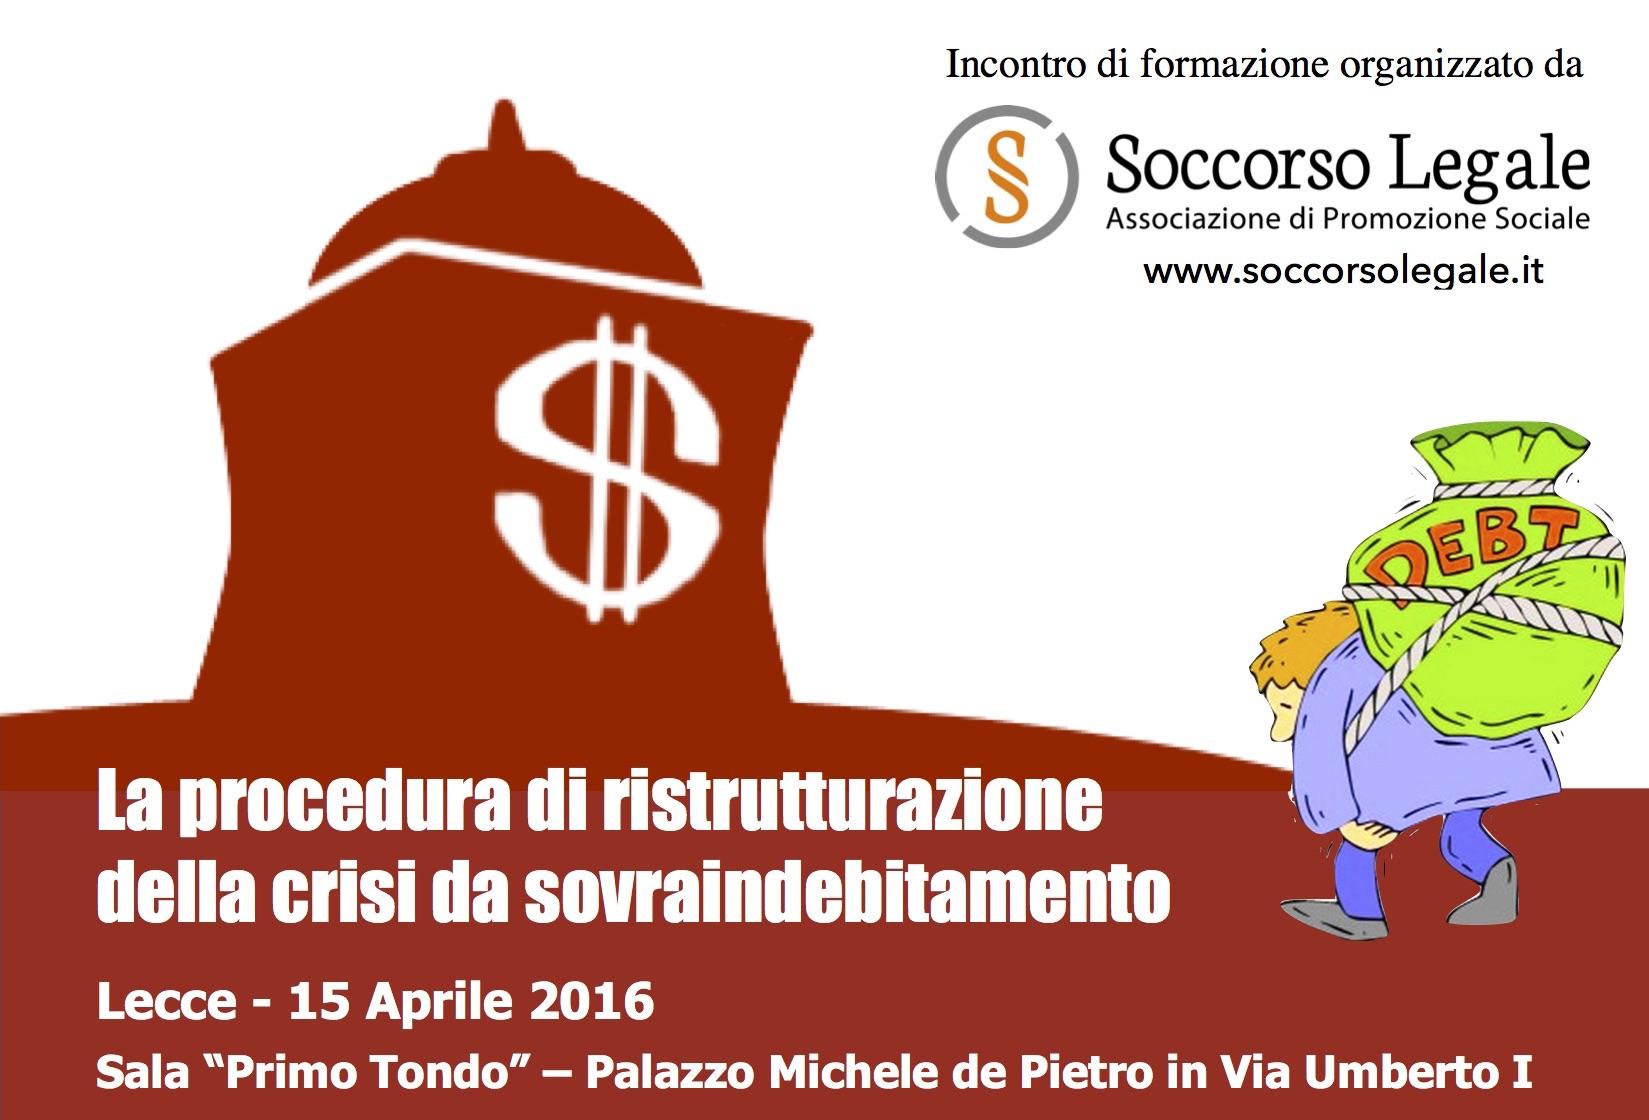 ristrutturazione_crisi_da_sovraindebitamento_fb